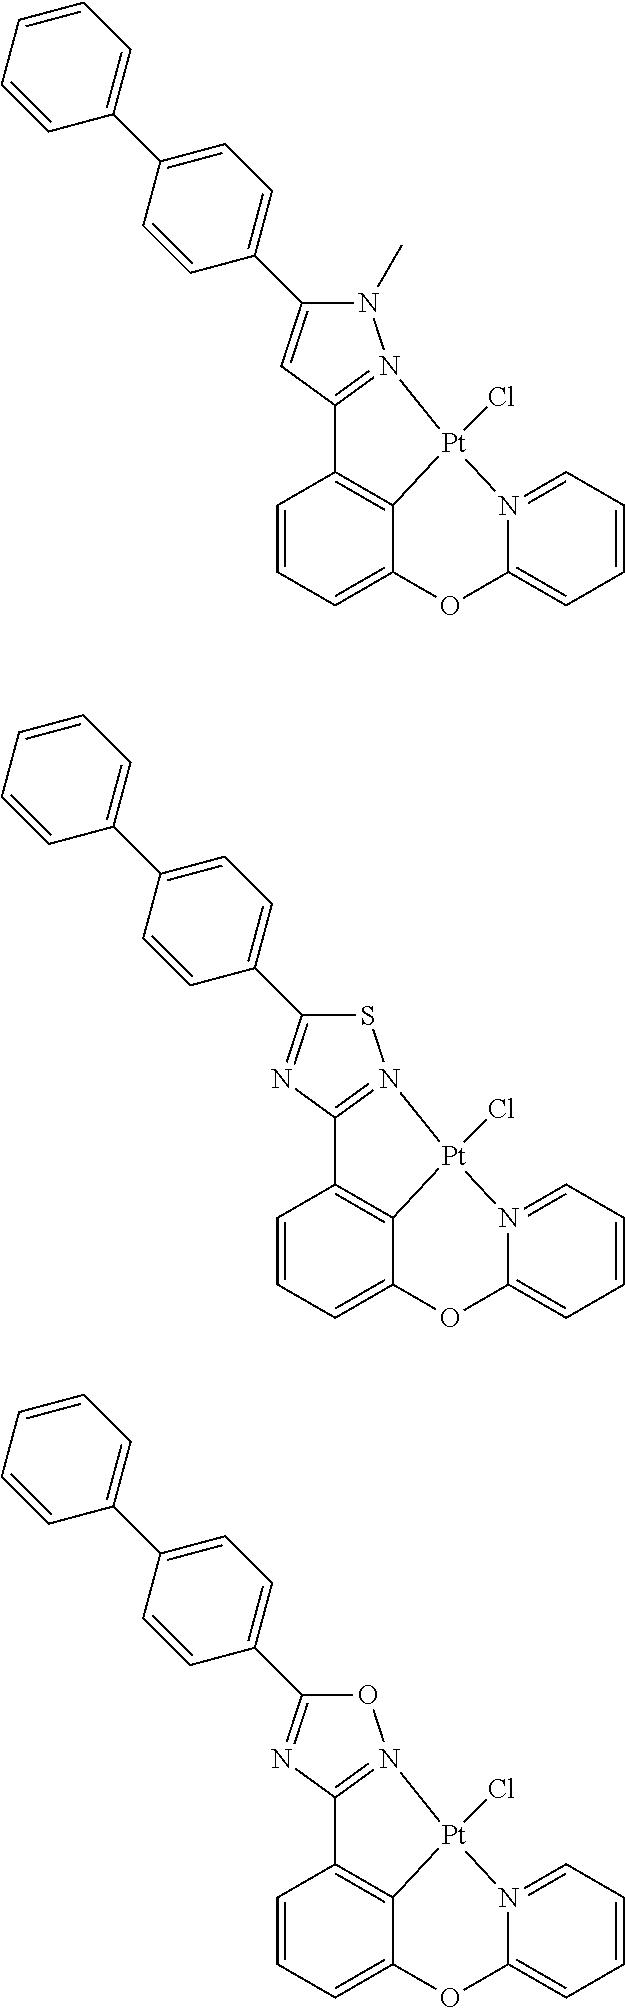 Figure US09818959-20171114-C00134